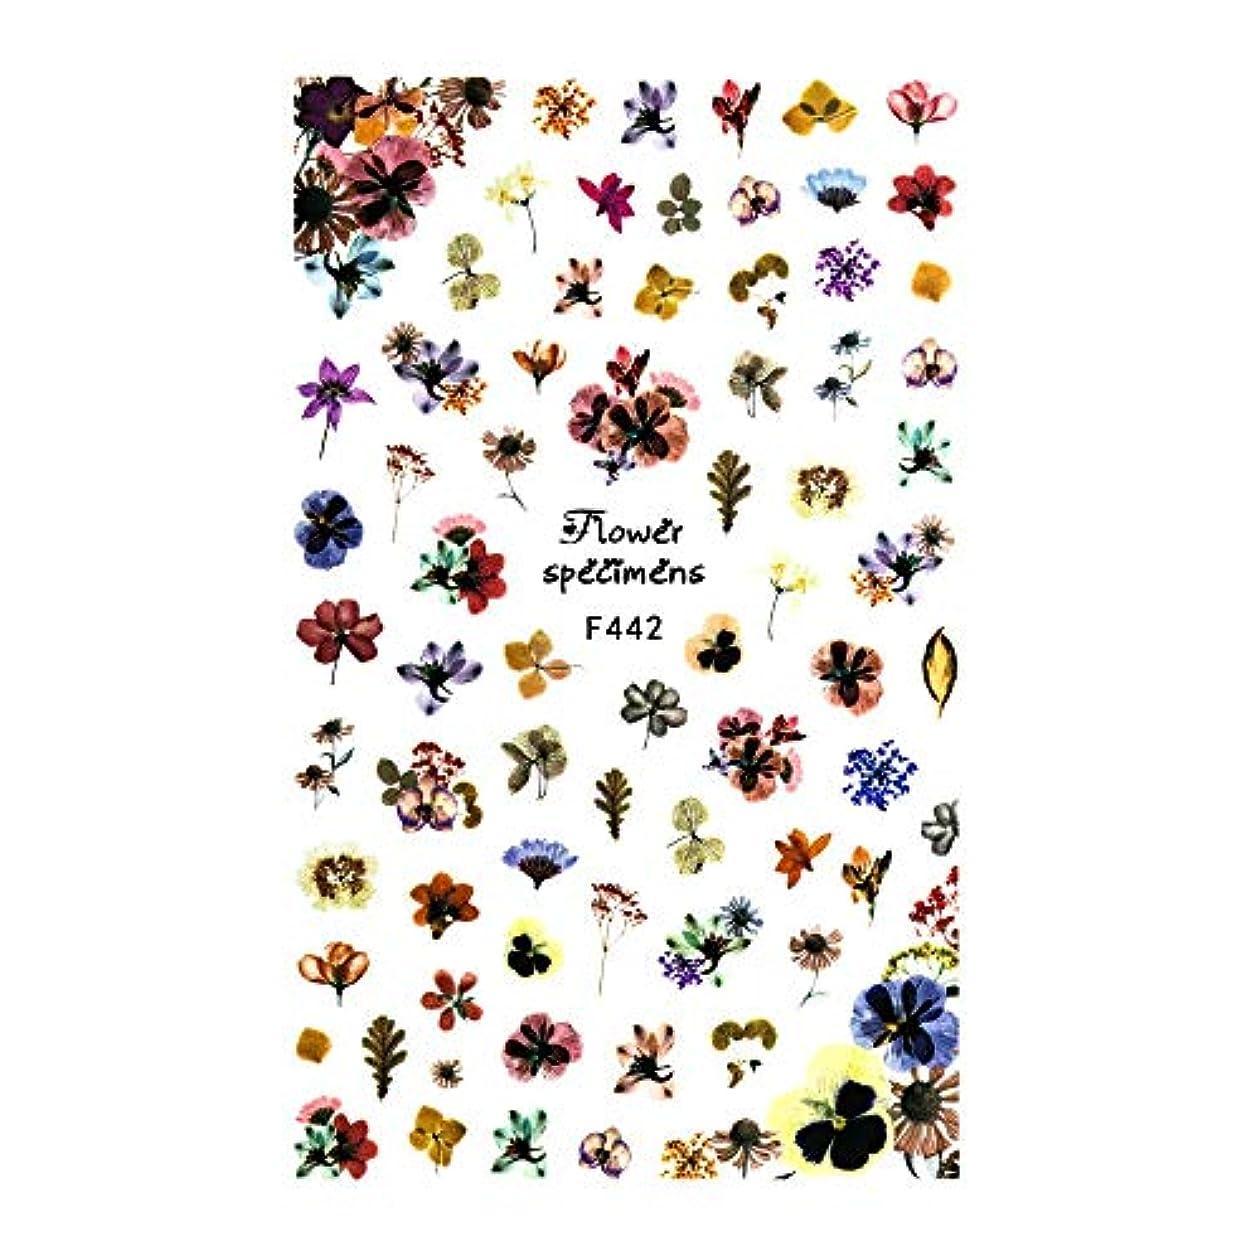 スロット散らす理由irogel イロジェル ネイルシール アンティークドライフラワーシール【F442】花 フラワー ドライフラワー